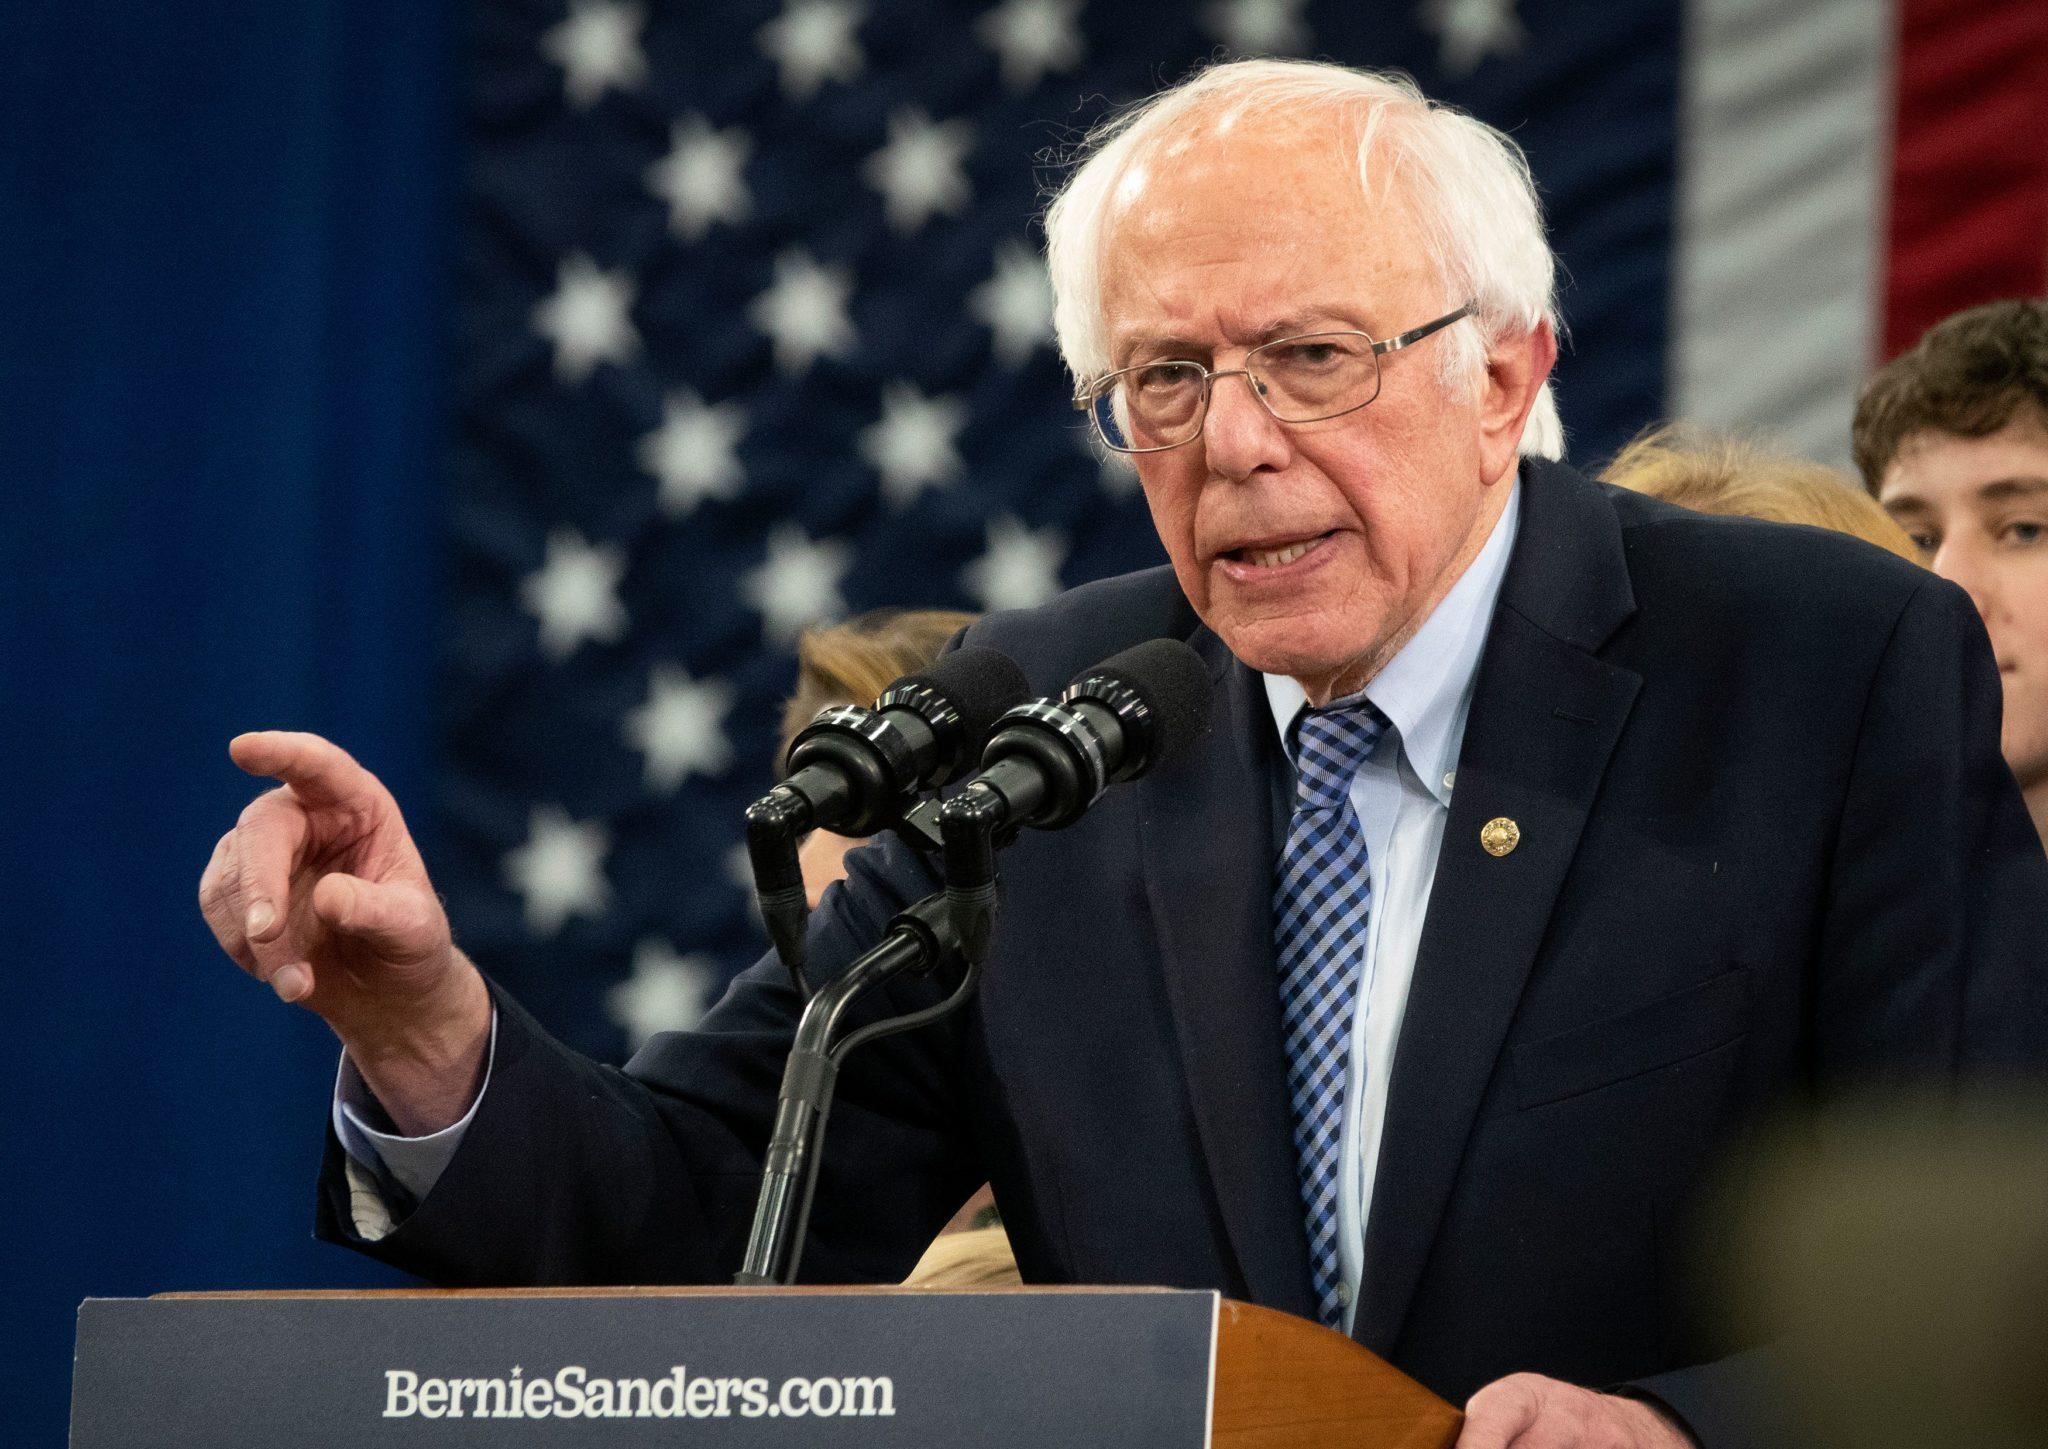 Bernie Sanders si è ritirato dalle primarie del Partito Democratico